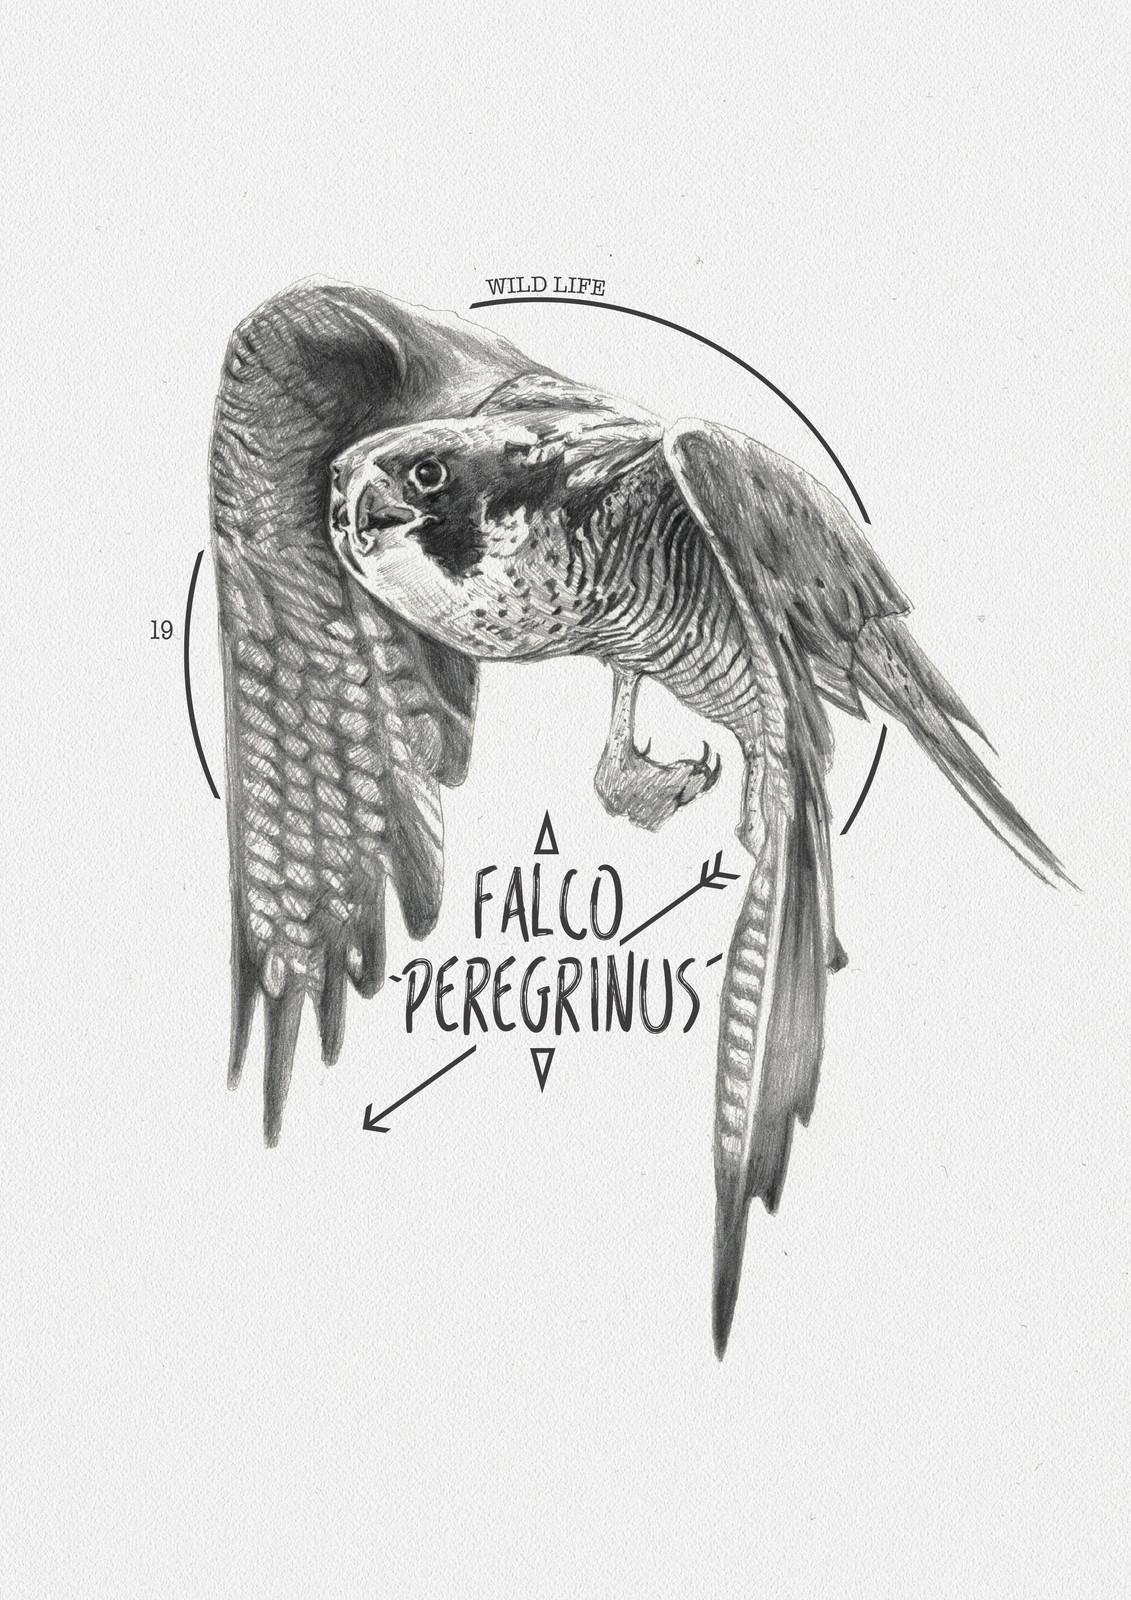 FALCO PEREGRUNUS